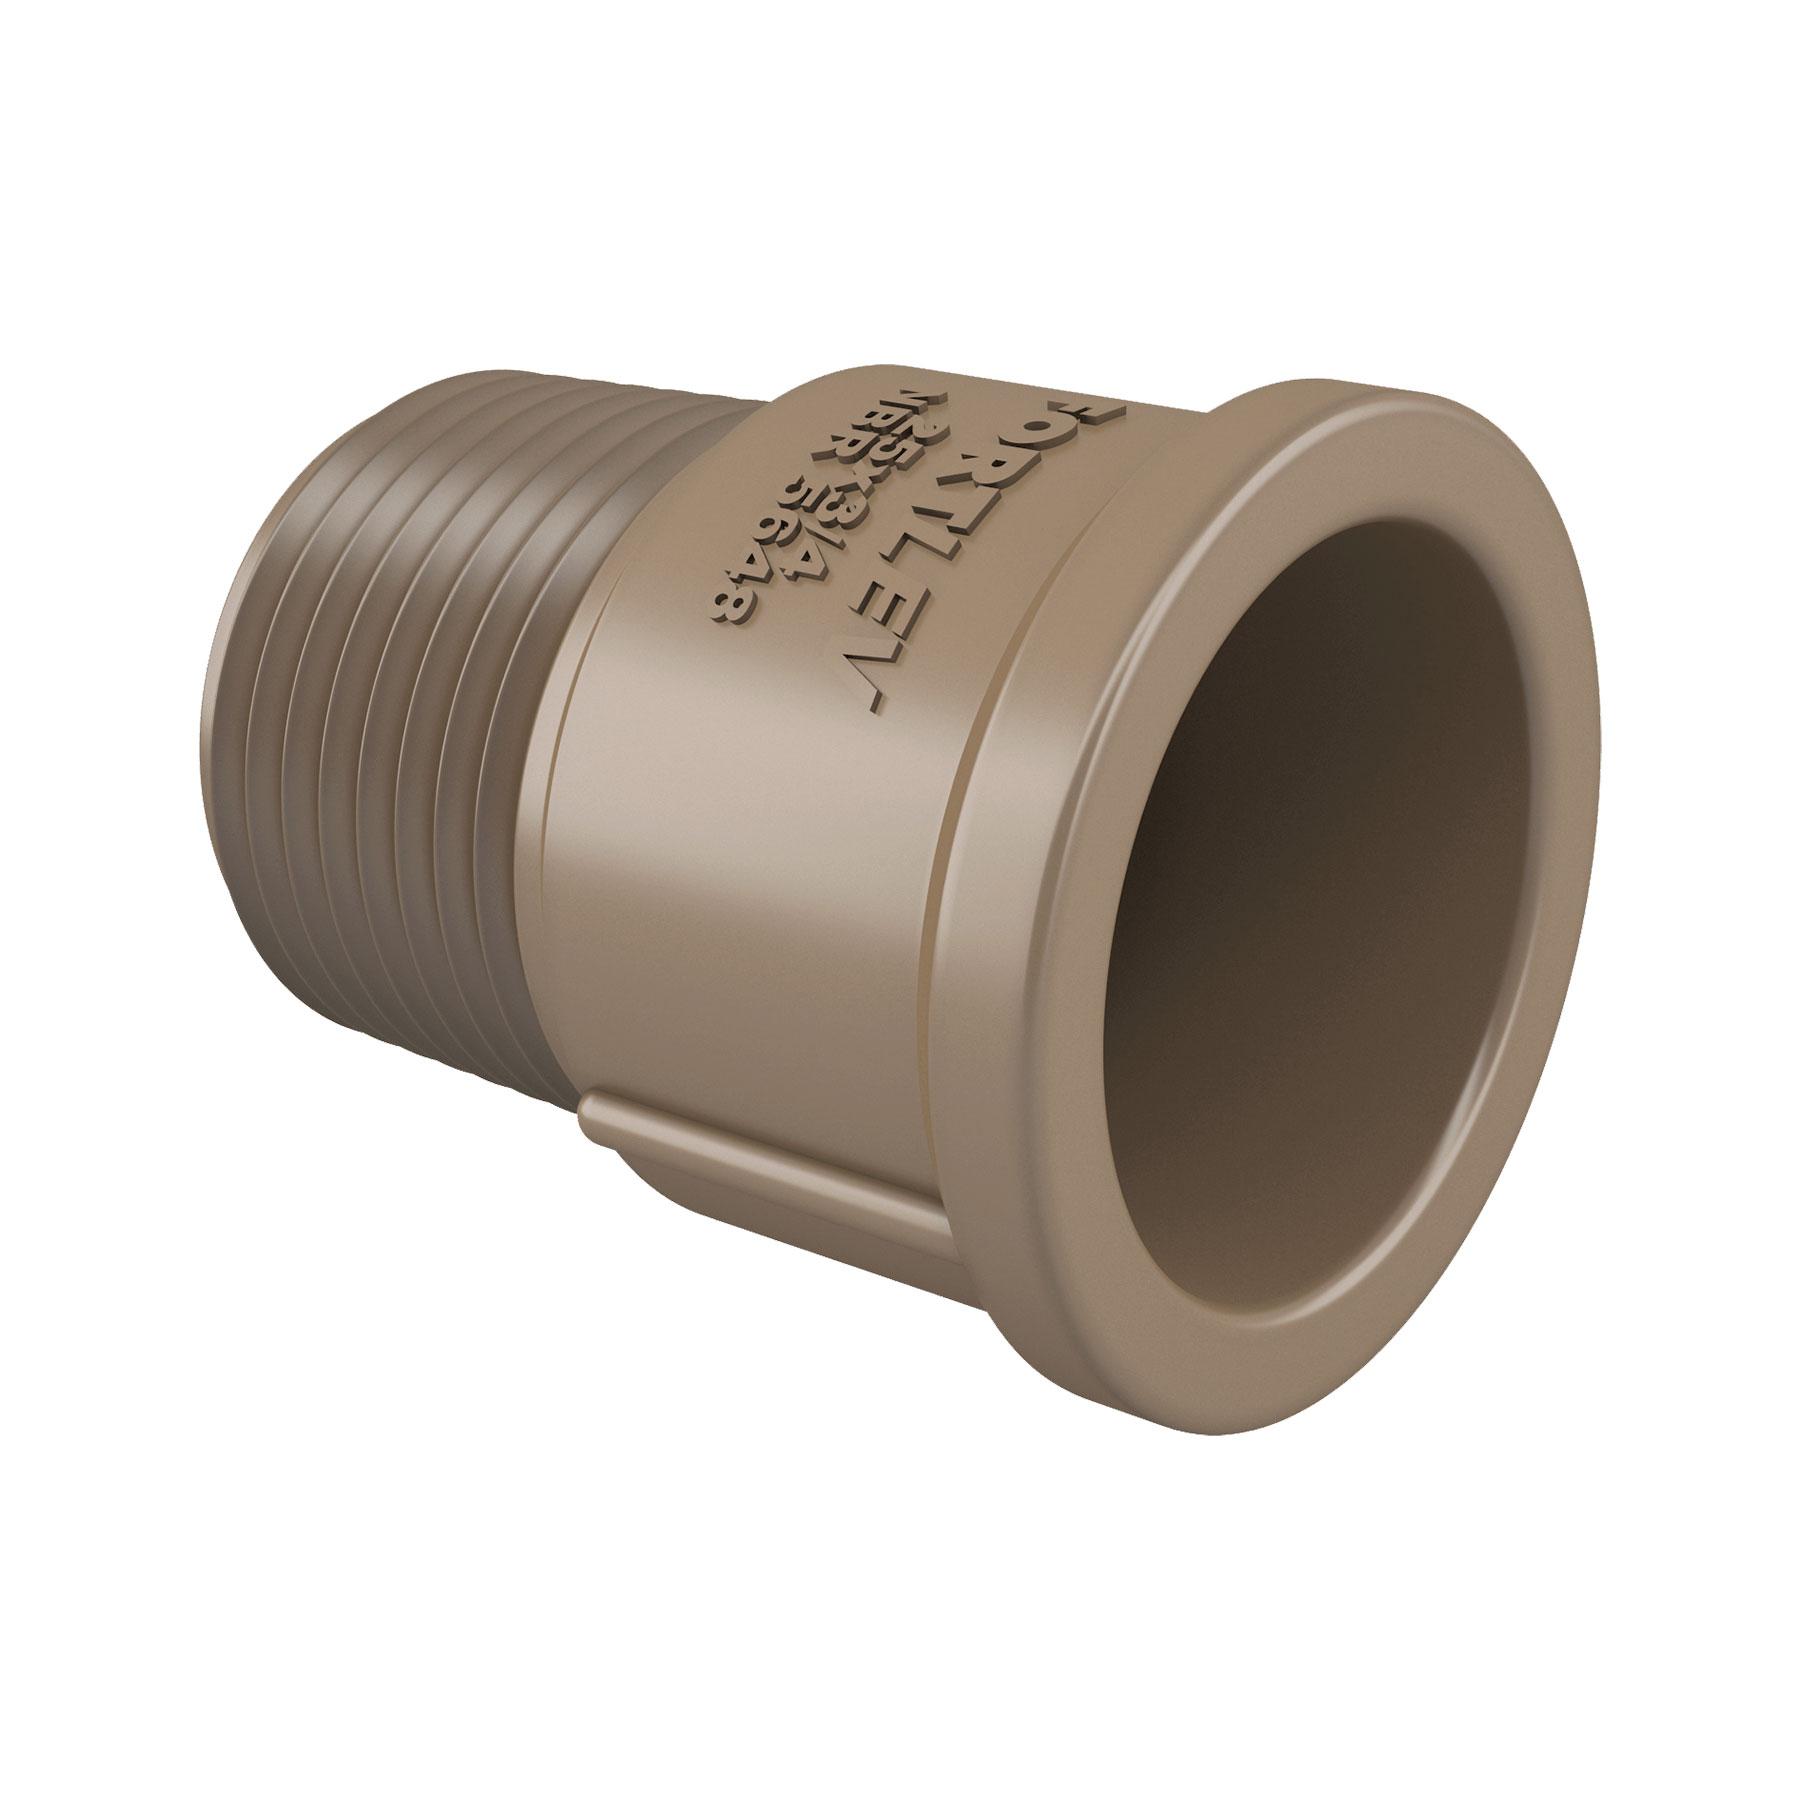 Adaptador Soldável Curto 50mm x 1.1/2